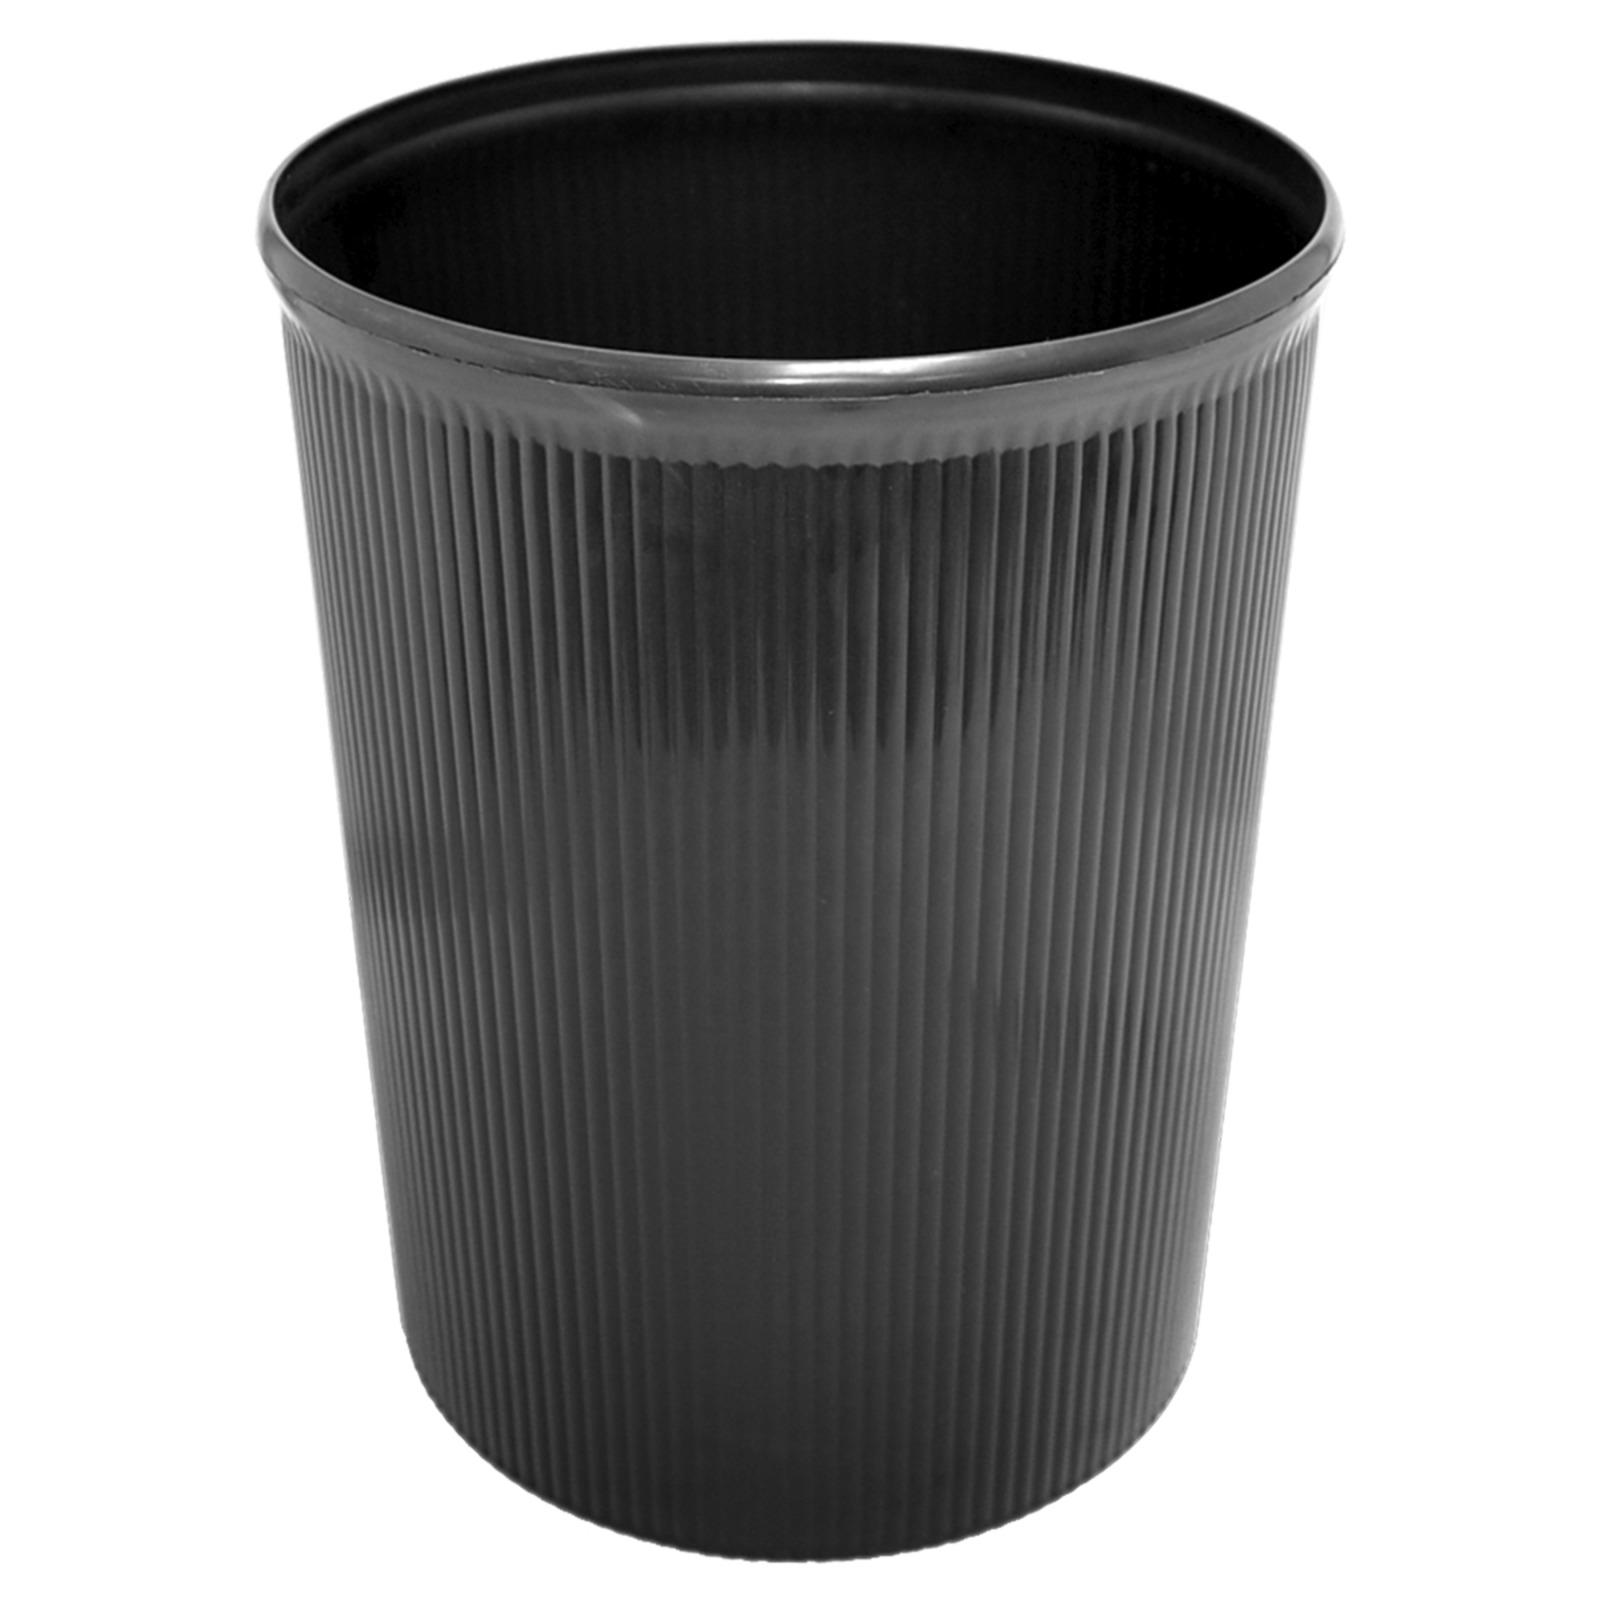 ALFAX 8812 Plastic Dustbin 260x329mm Black